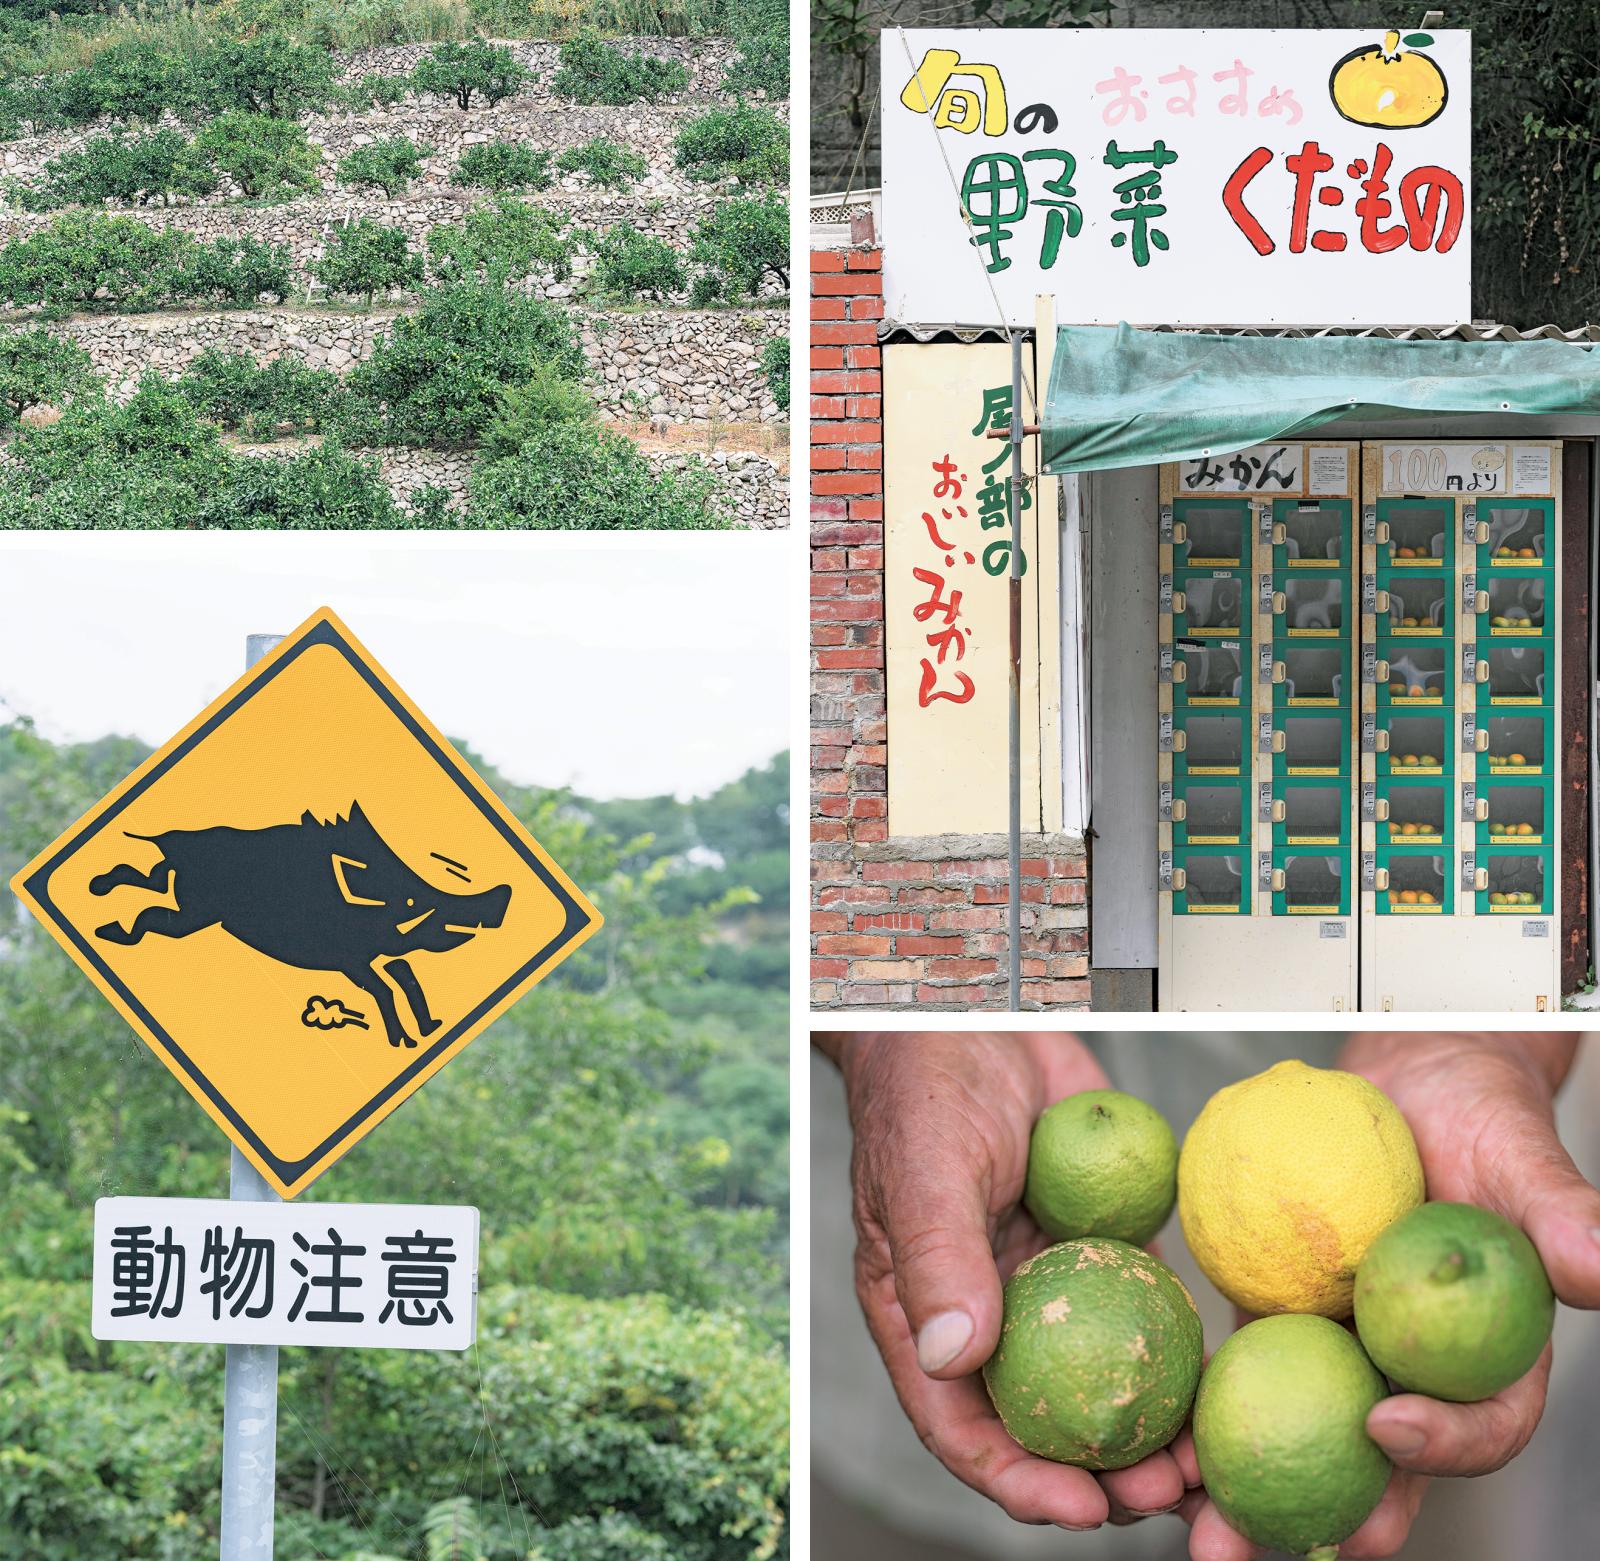 """右上:""""柑橘の島""""を感じるみかんロッカー。コイン式の無人販売所。左上:代々受け継がれてきたみかんの段々畑。石積みが美しい。右下:取材中、撮影で偶然通りがかった畑でいただいたレモンのお接待。これも柑橘の島ならでは。左下:「動物注意」の道路標識。イノシシが増え、農業被害も深刻。"""